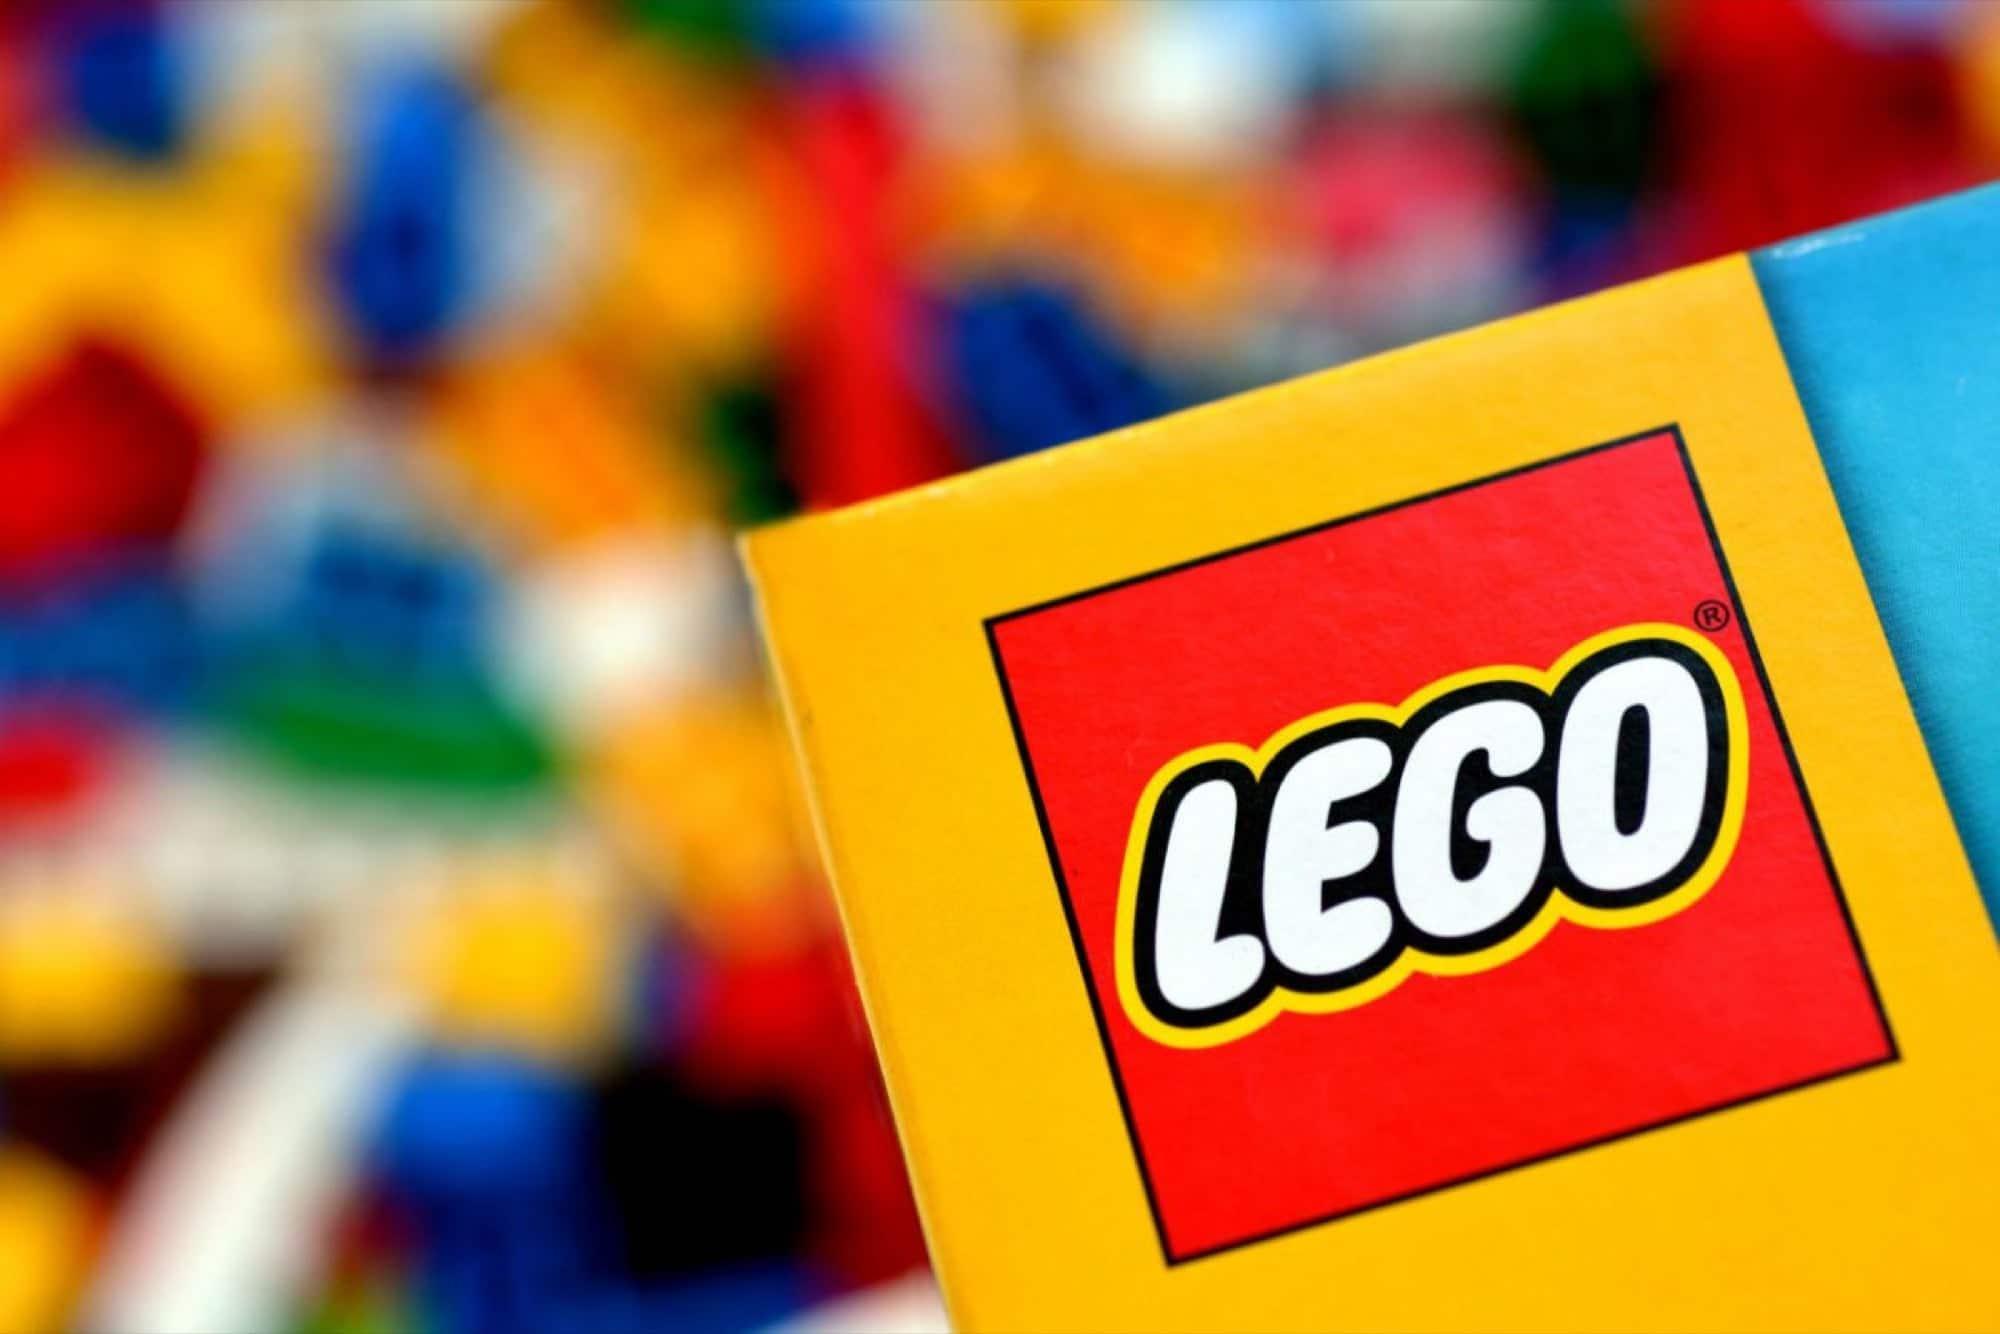 Juegos de Lego para móviles Android